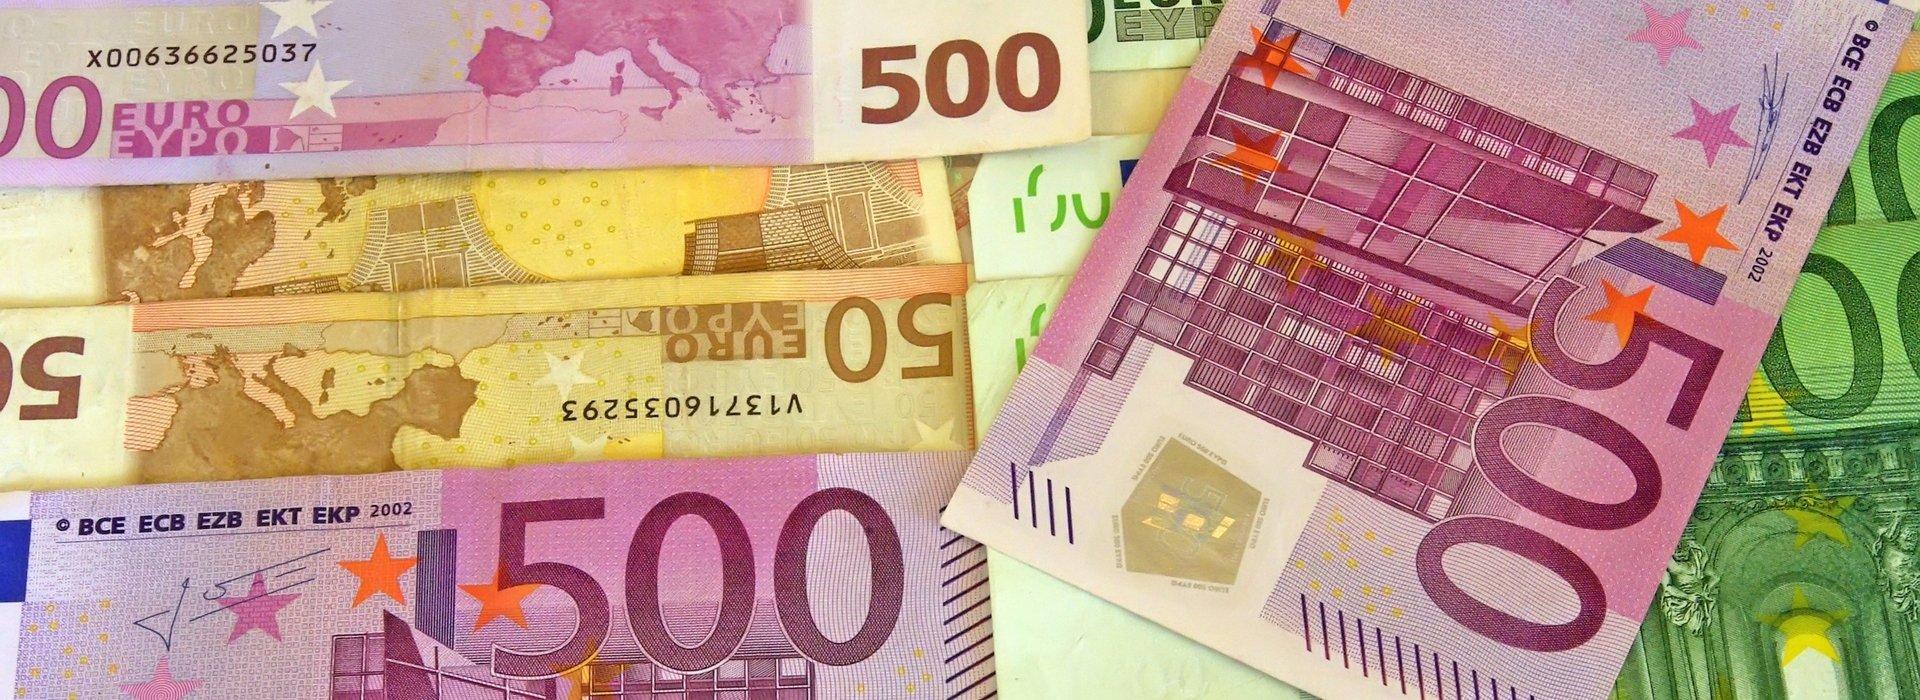 Pénz, árak és költségek